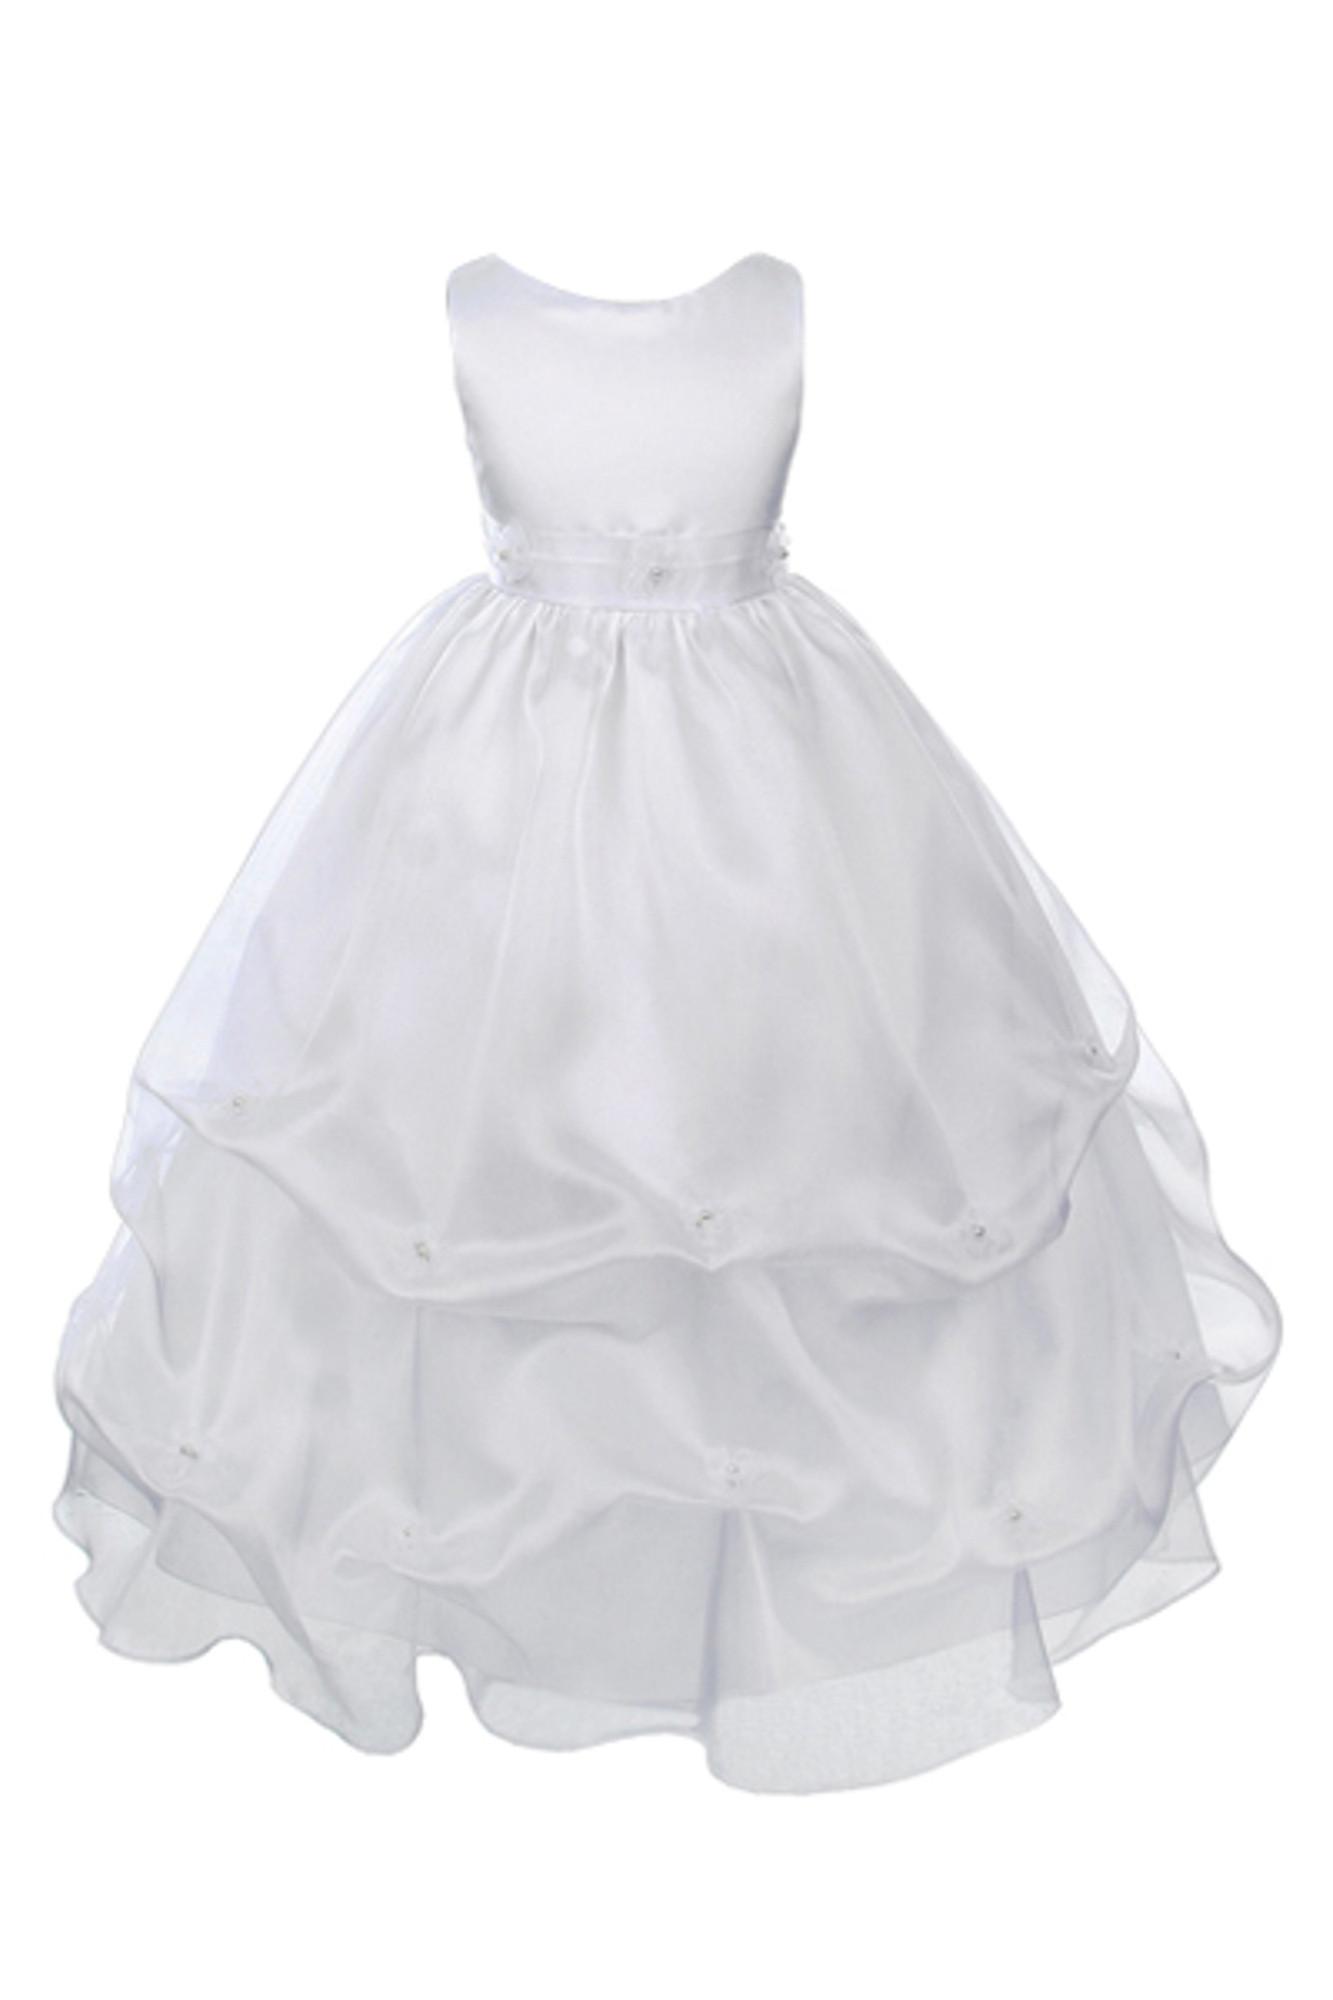 BIMARO Kommunionkleid Christin Festkleid weiß lang Satin Organza Blüten Perlen Kommunion festlich 001